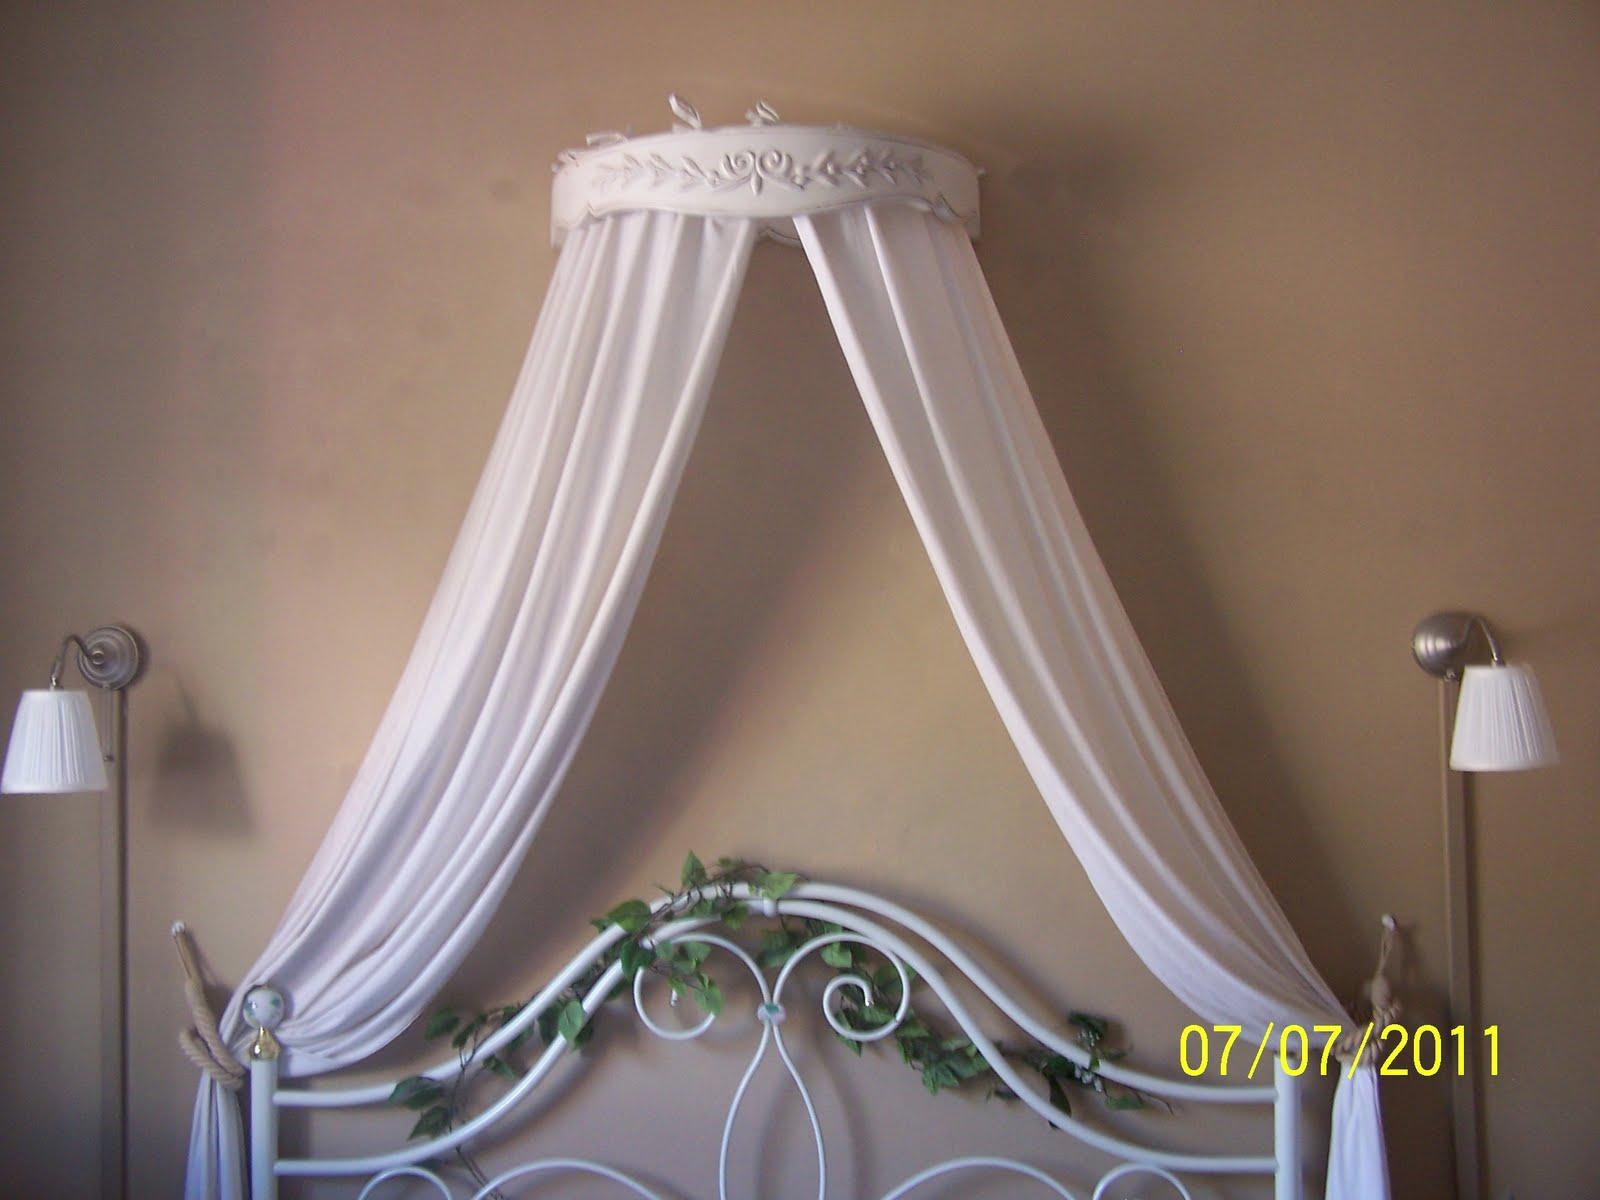 ciel de lit adulte ikea perfect ikea hack tte de lit avec oreiller with ciel de lit adulte ikea. Black Bedroom Furniture Sets. Home Design Ideas